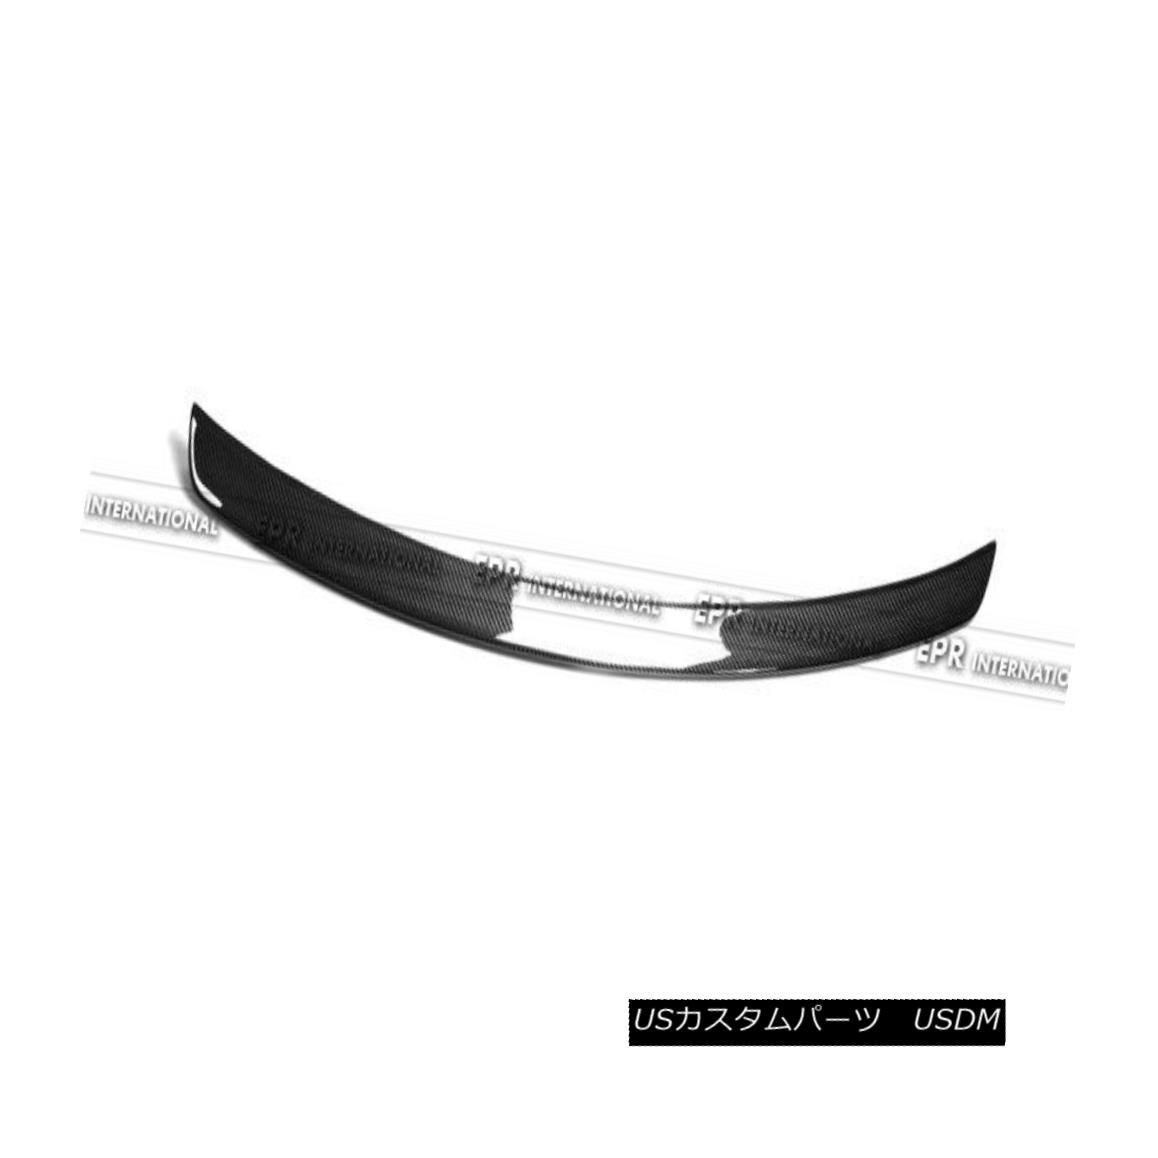 エアロパーツ ABC Rear Trunk Spoiler Wing Lip For MERCEDES BENZ W218 CLS AMGG Carbon Fiber メルセデスベンツW218 CLS AMGカーボンファイバーのためのABCリアトランクスポイラーウィングリップ